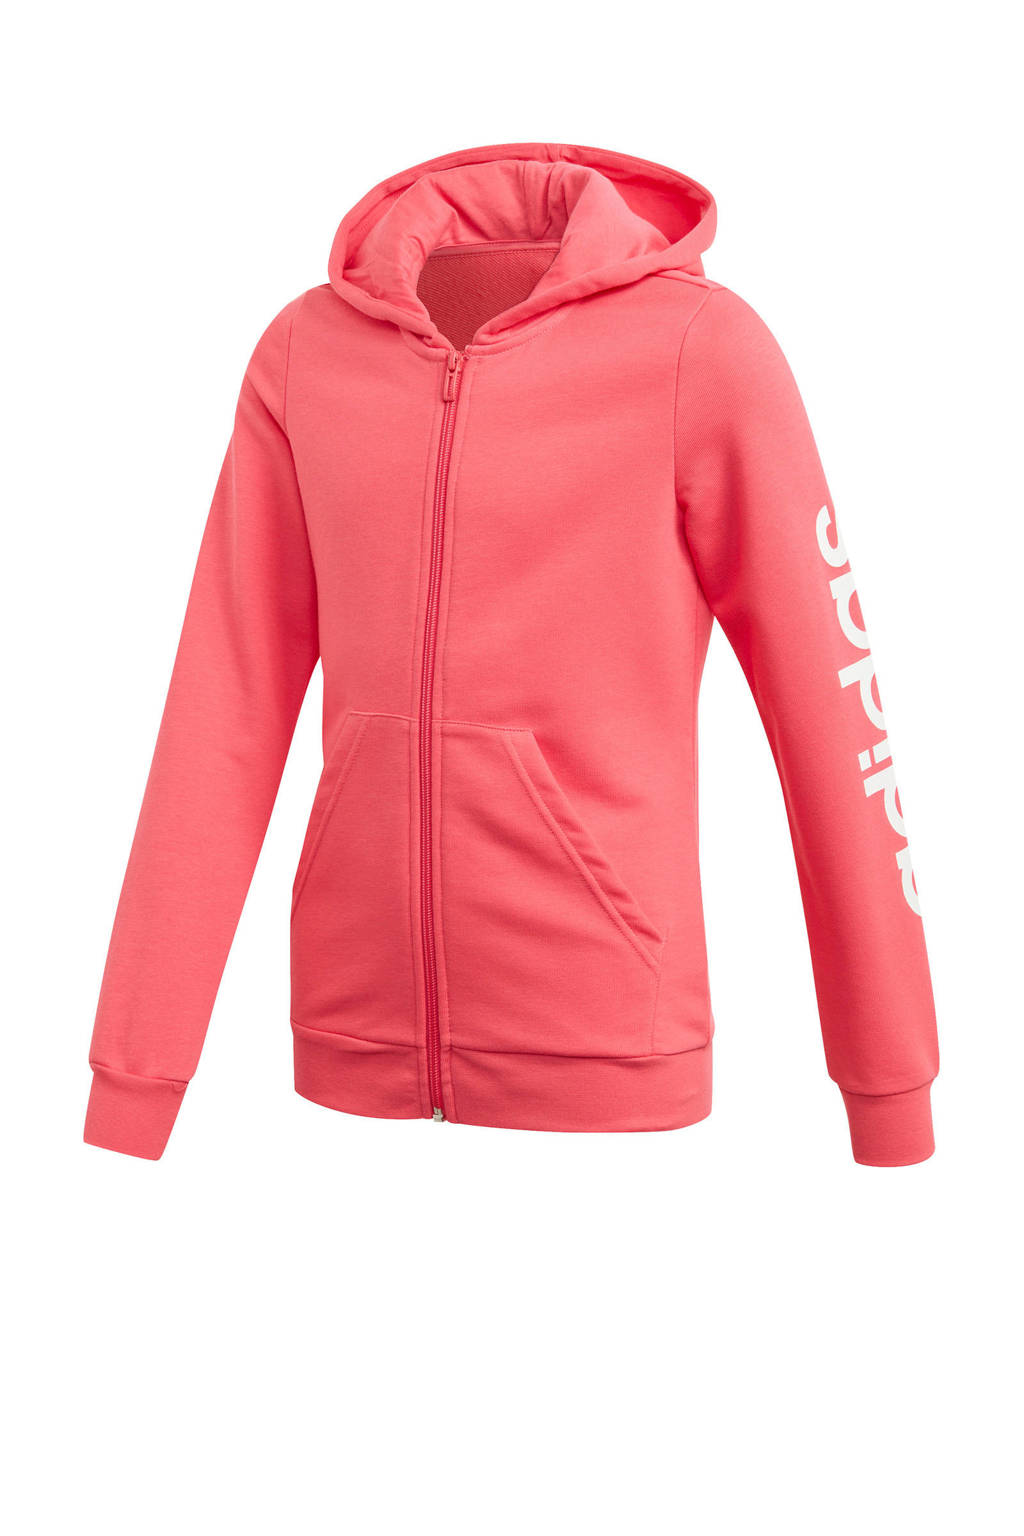 adidas sportvest roze, Roze/wit